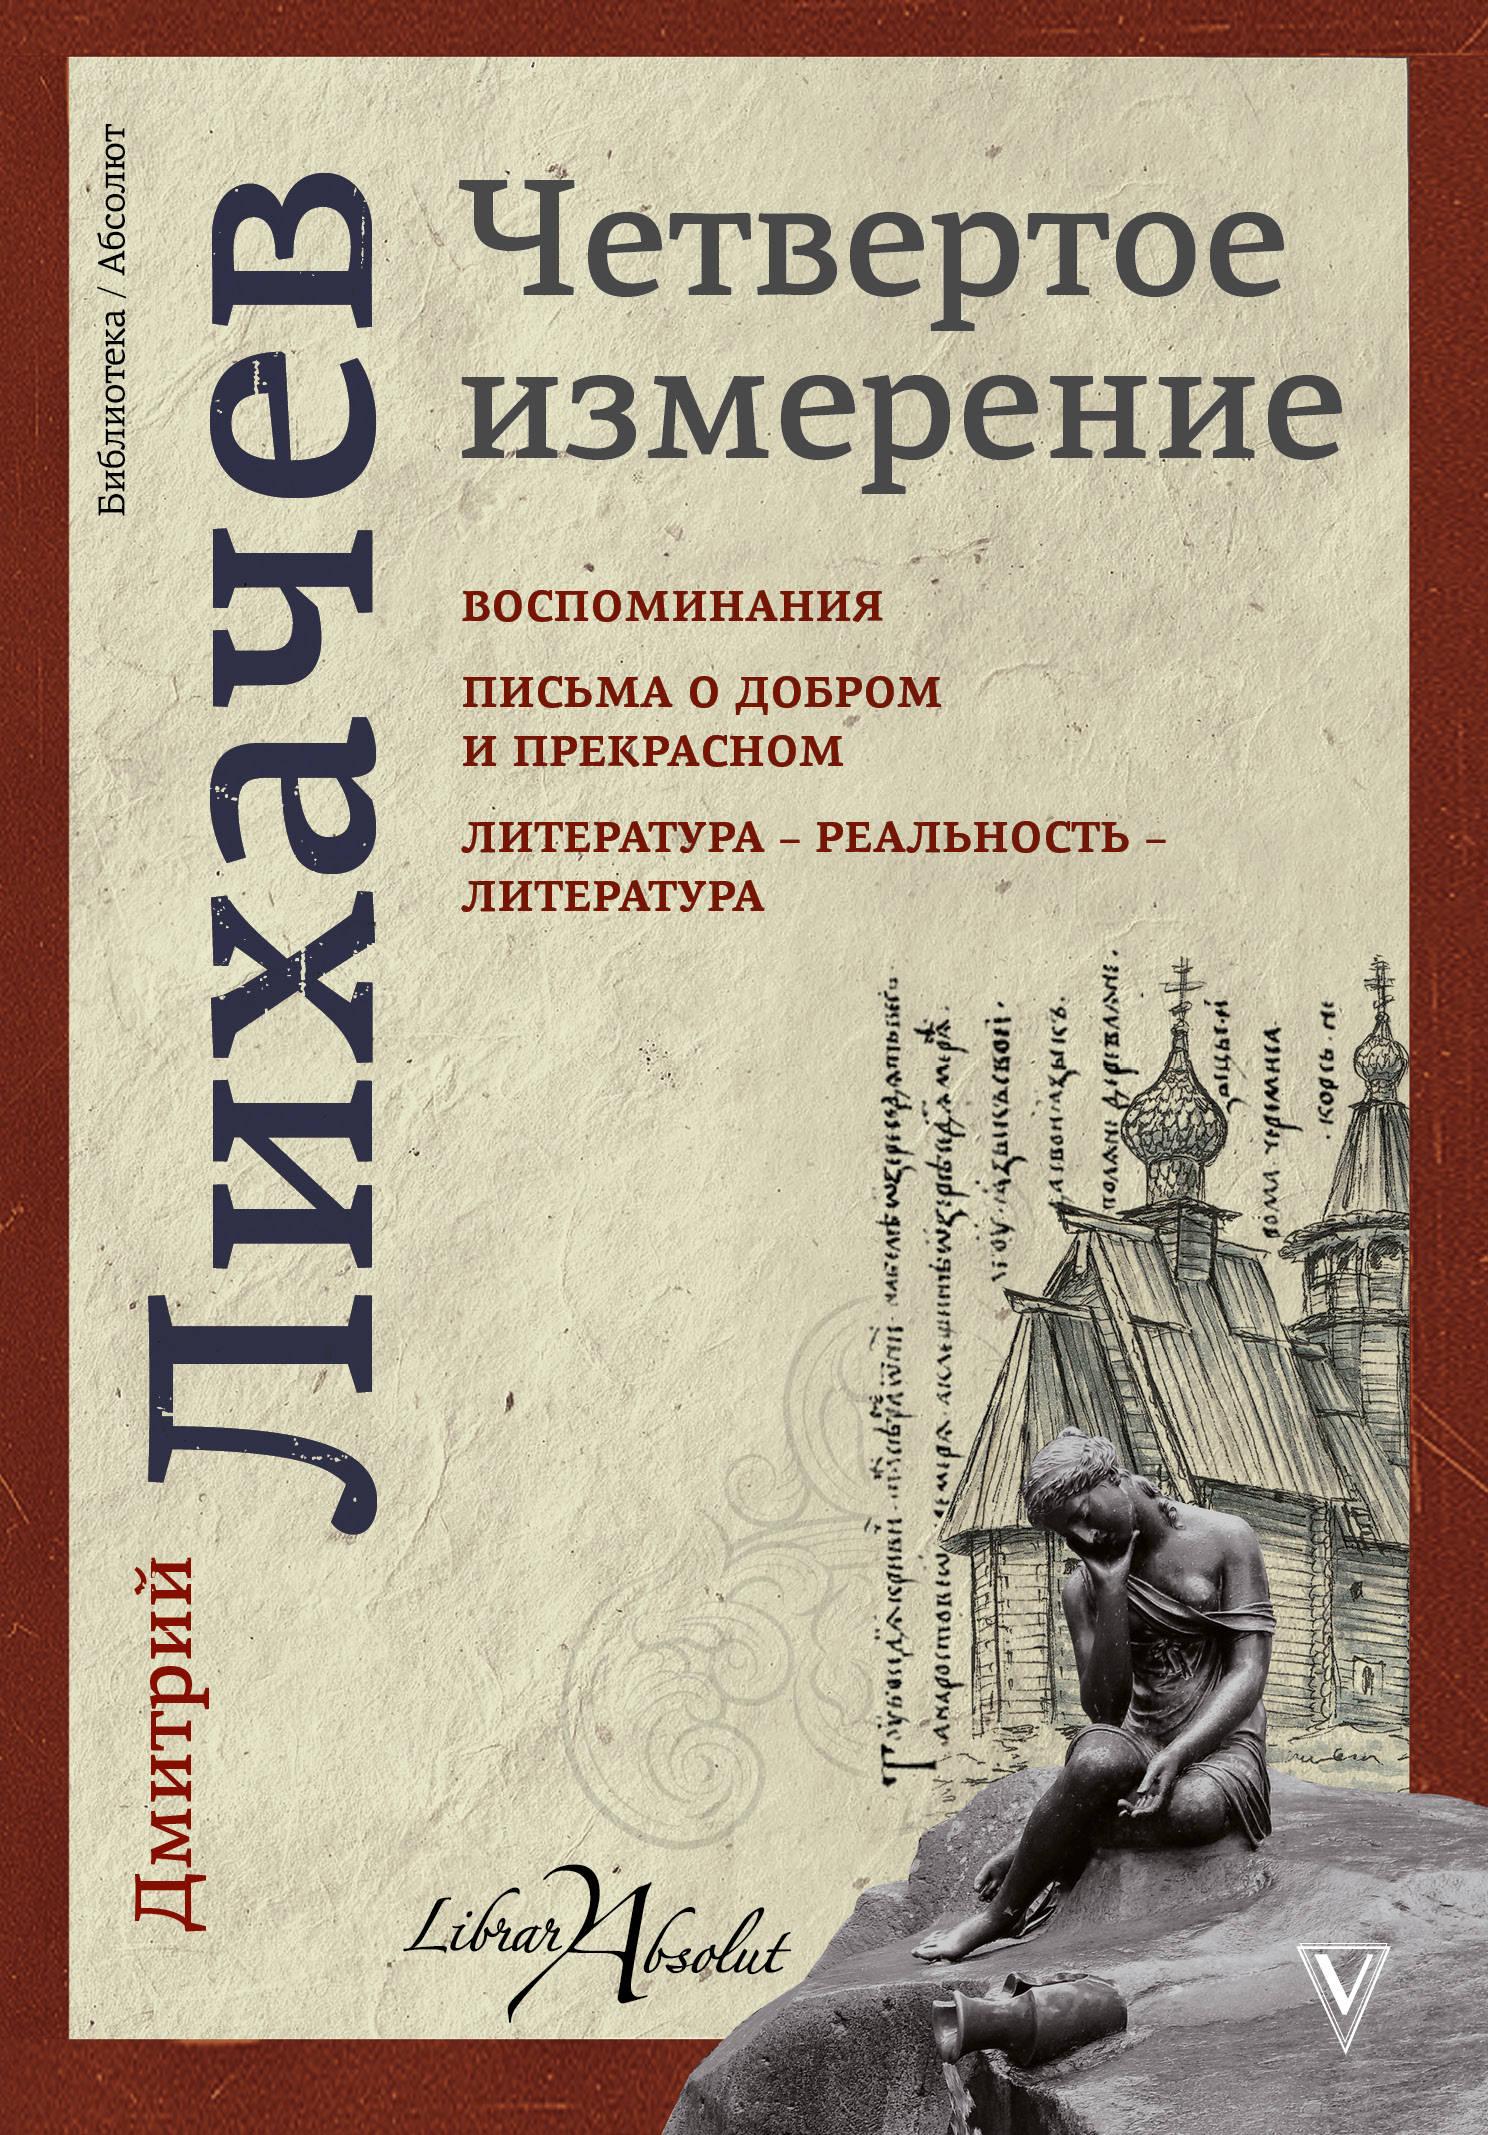 Дмитрий Лихачев Четвертое измерение